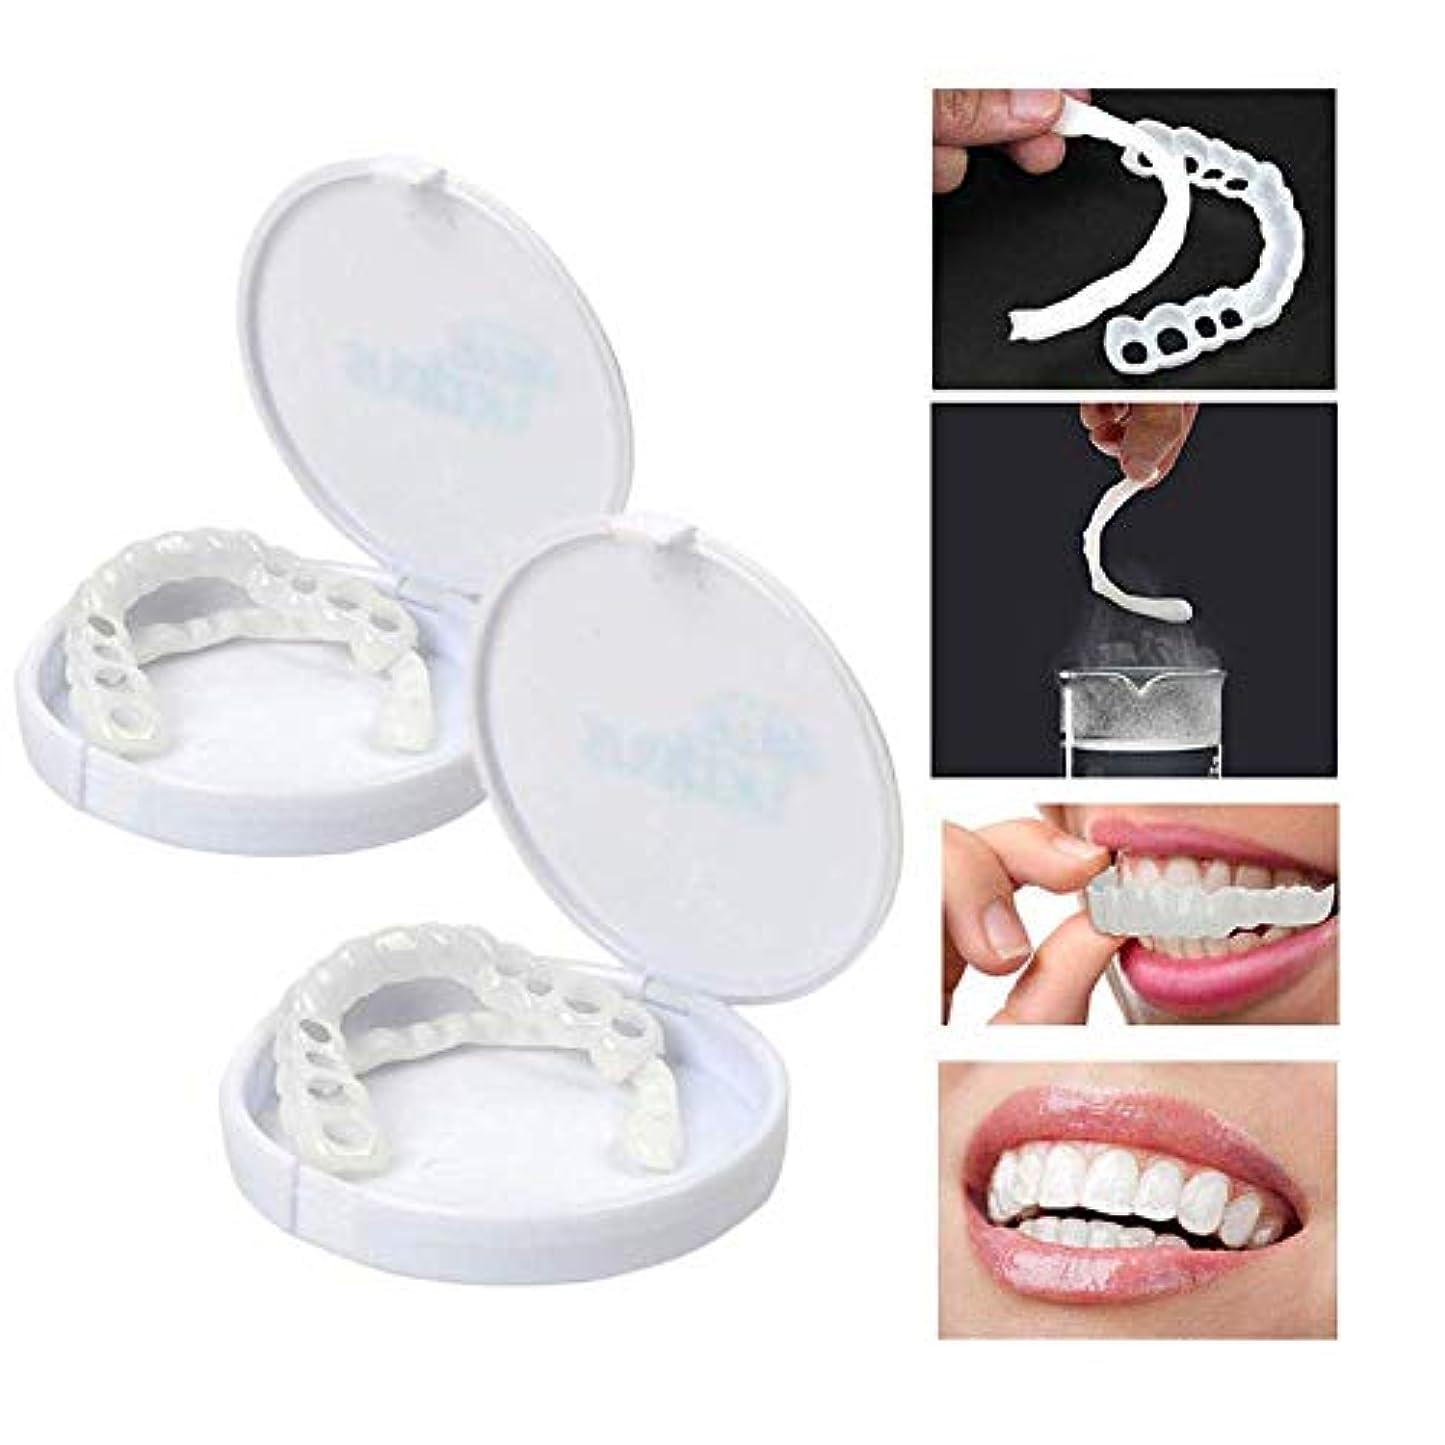 豊かにするドナウ川童謡2組歯のベニヤブレース、歯のフープ屋根付き歯の下のザティースフープのブレース、ビューティーブレース、歯科用化粧品デンタルベニア